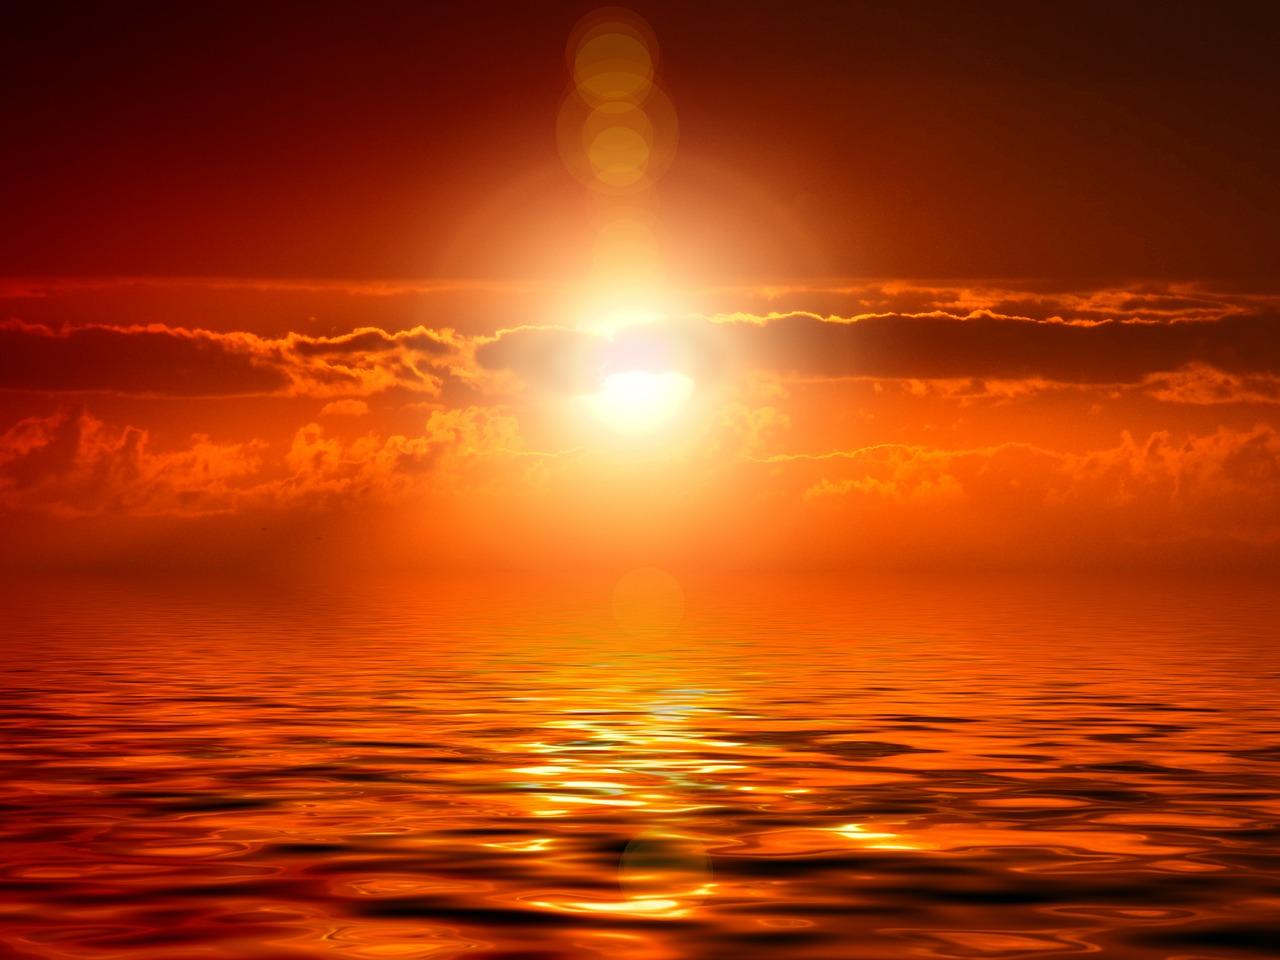 Le Soleil en train de mourir à l'horizon